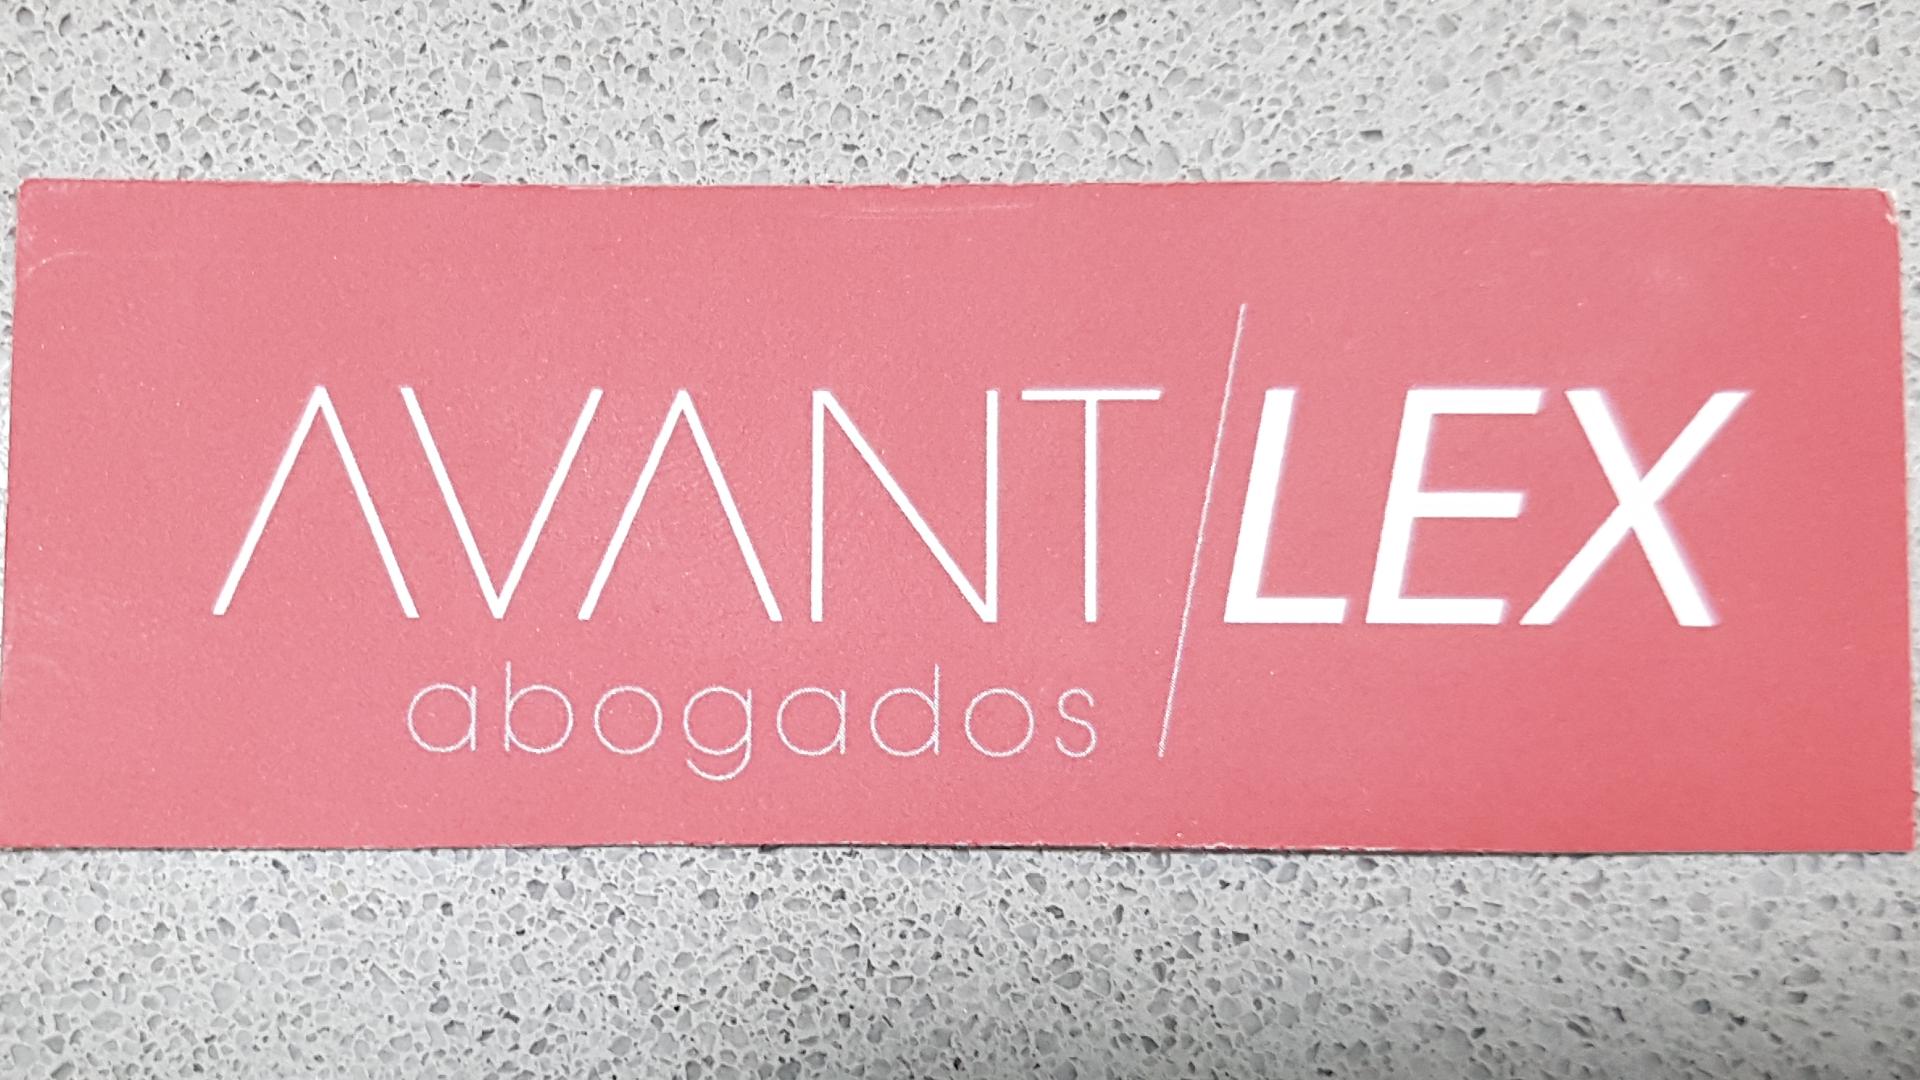 AVANTLEX ABOGADOS